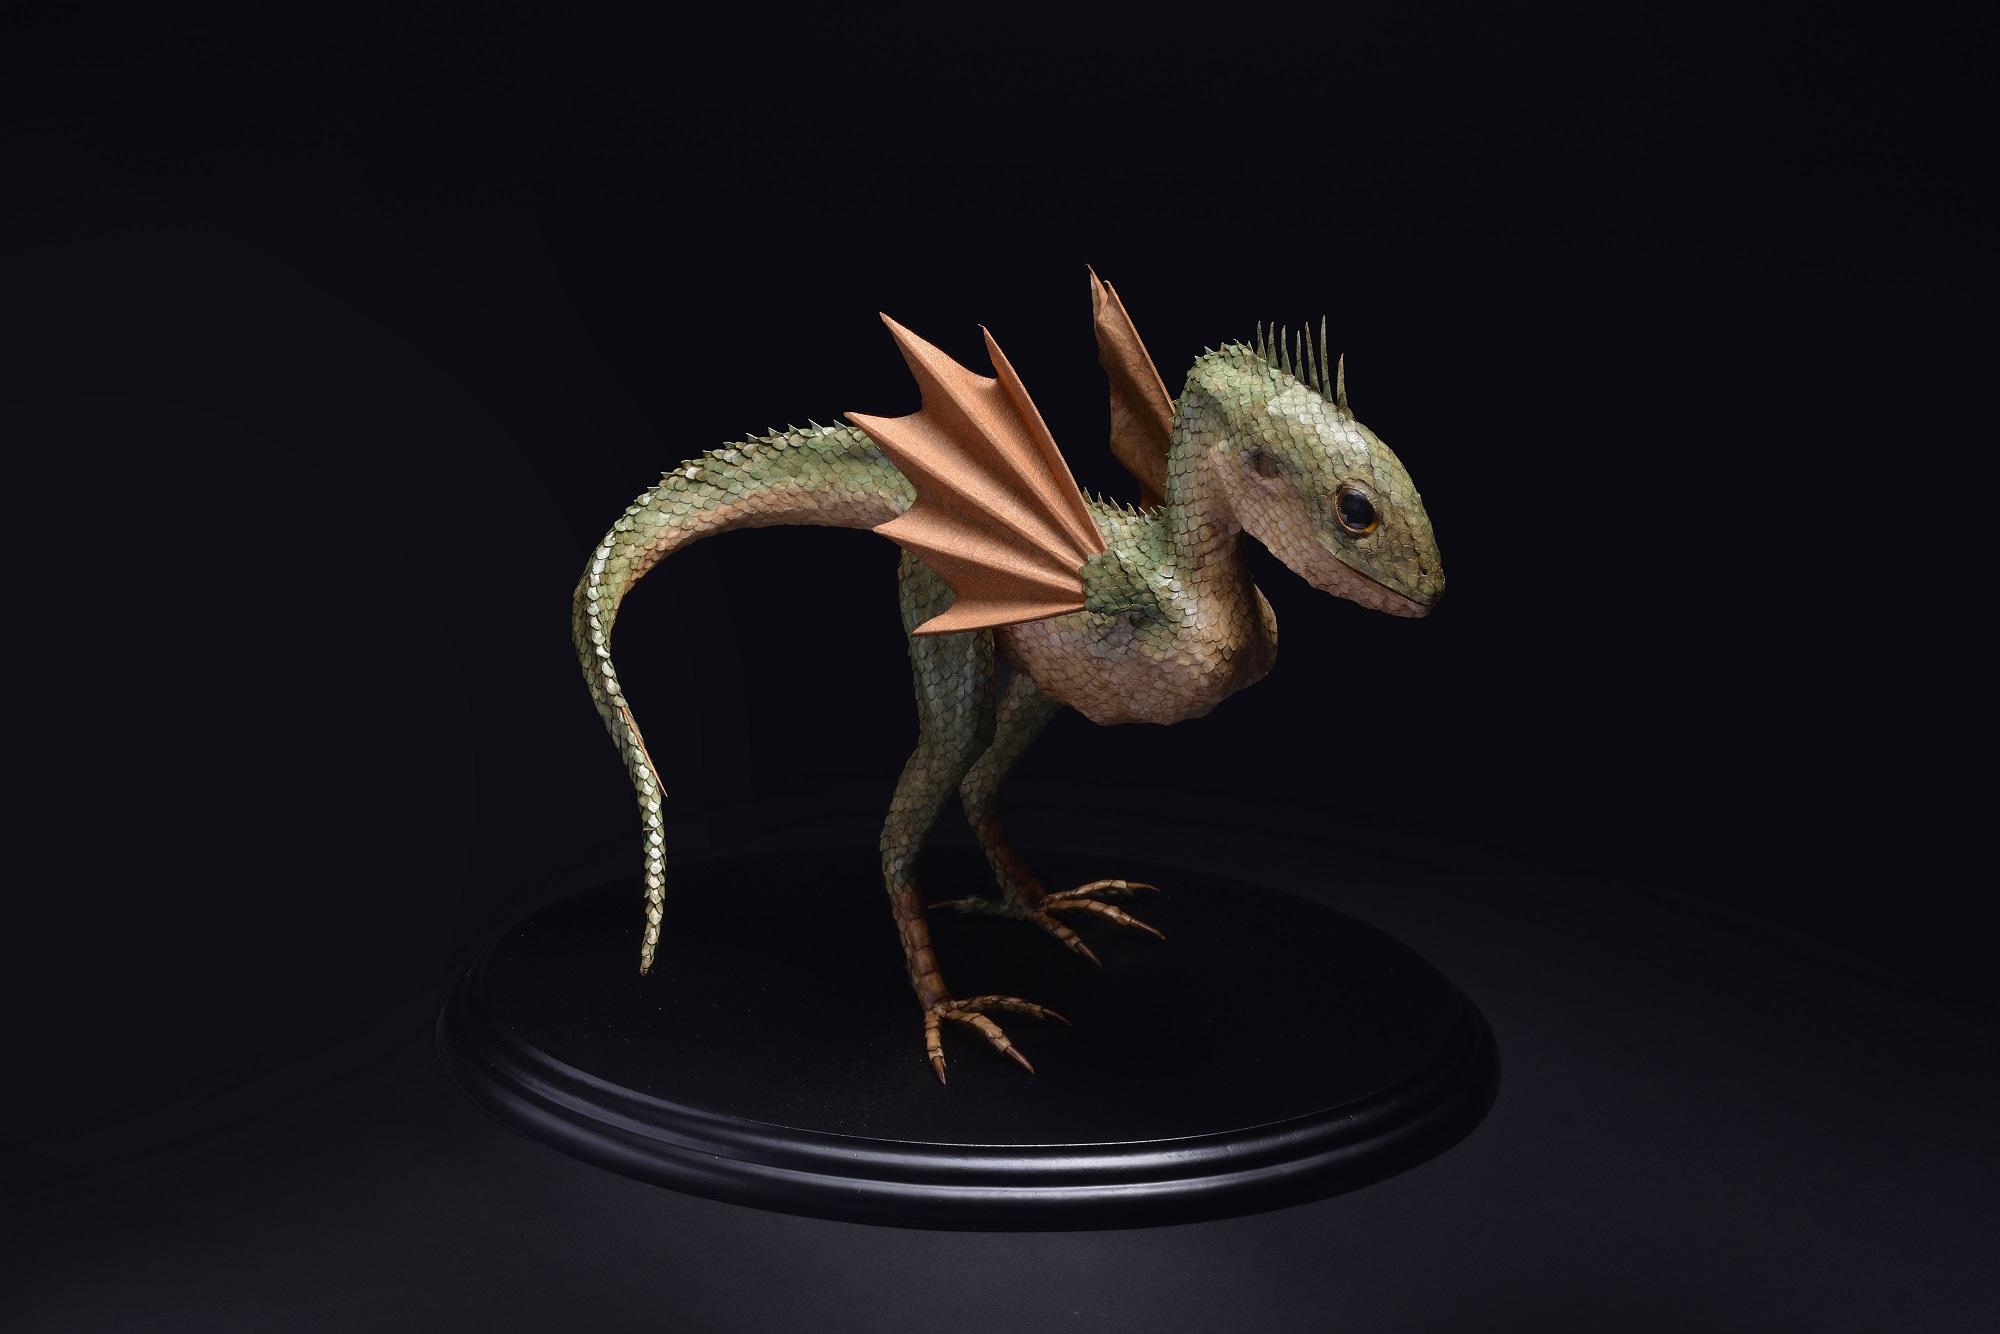 江本創 「Dracostatum aviscruris」台座24.2 × 16 x h20 cm